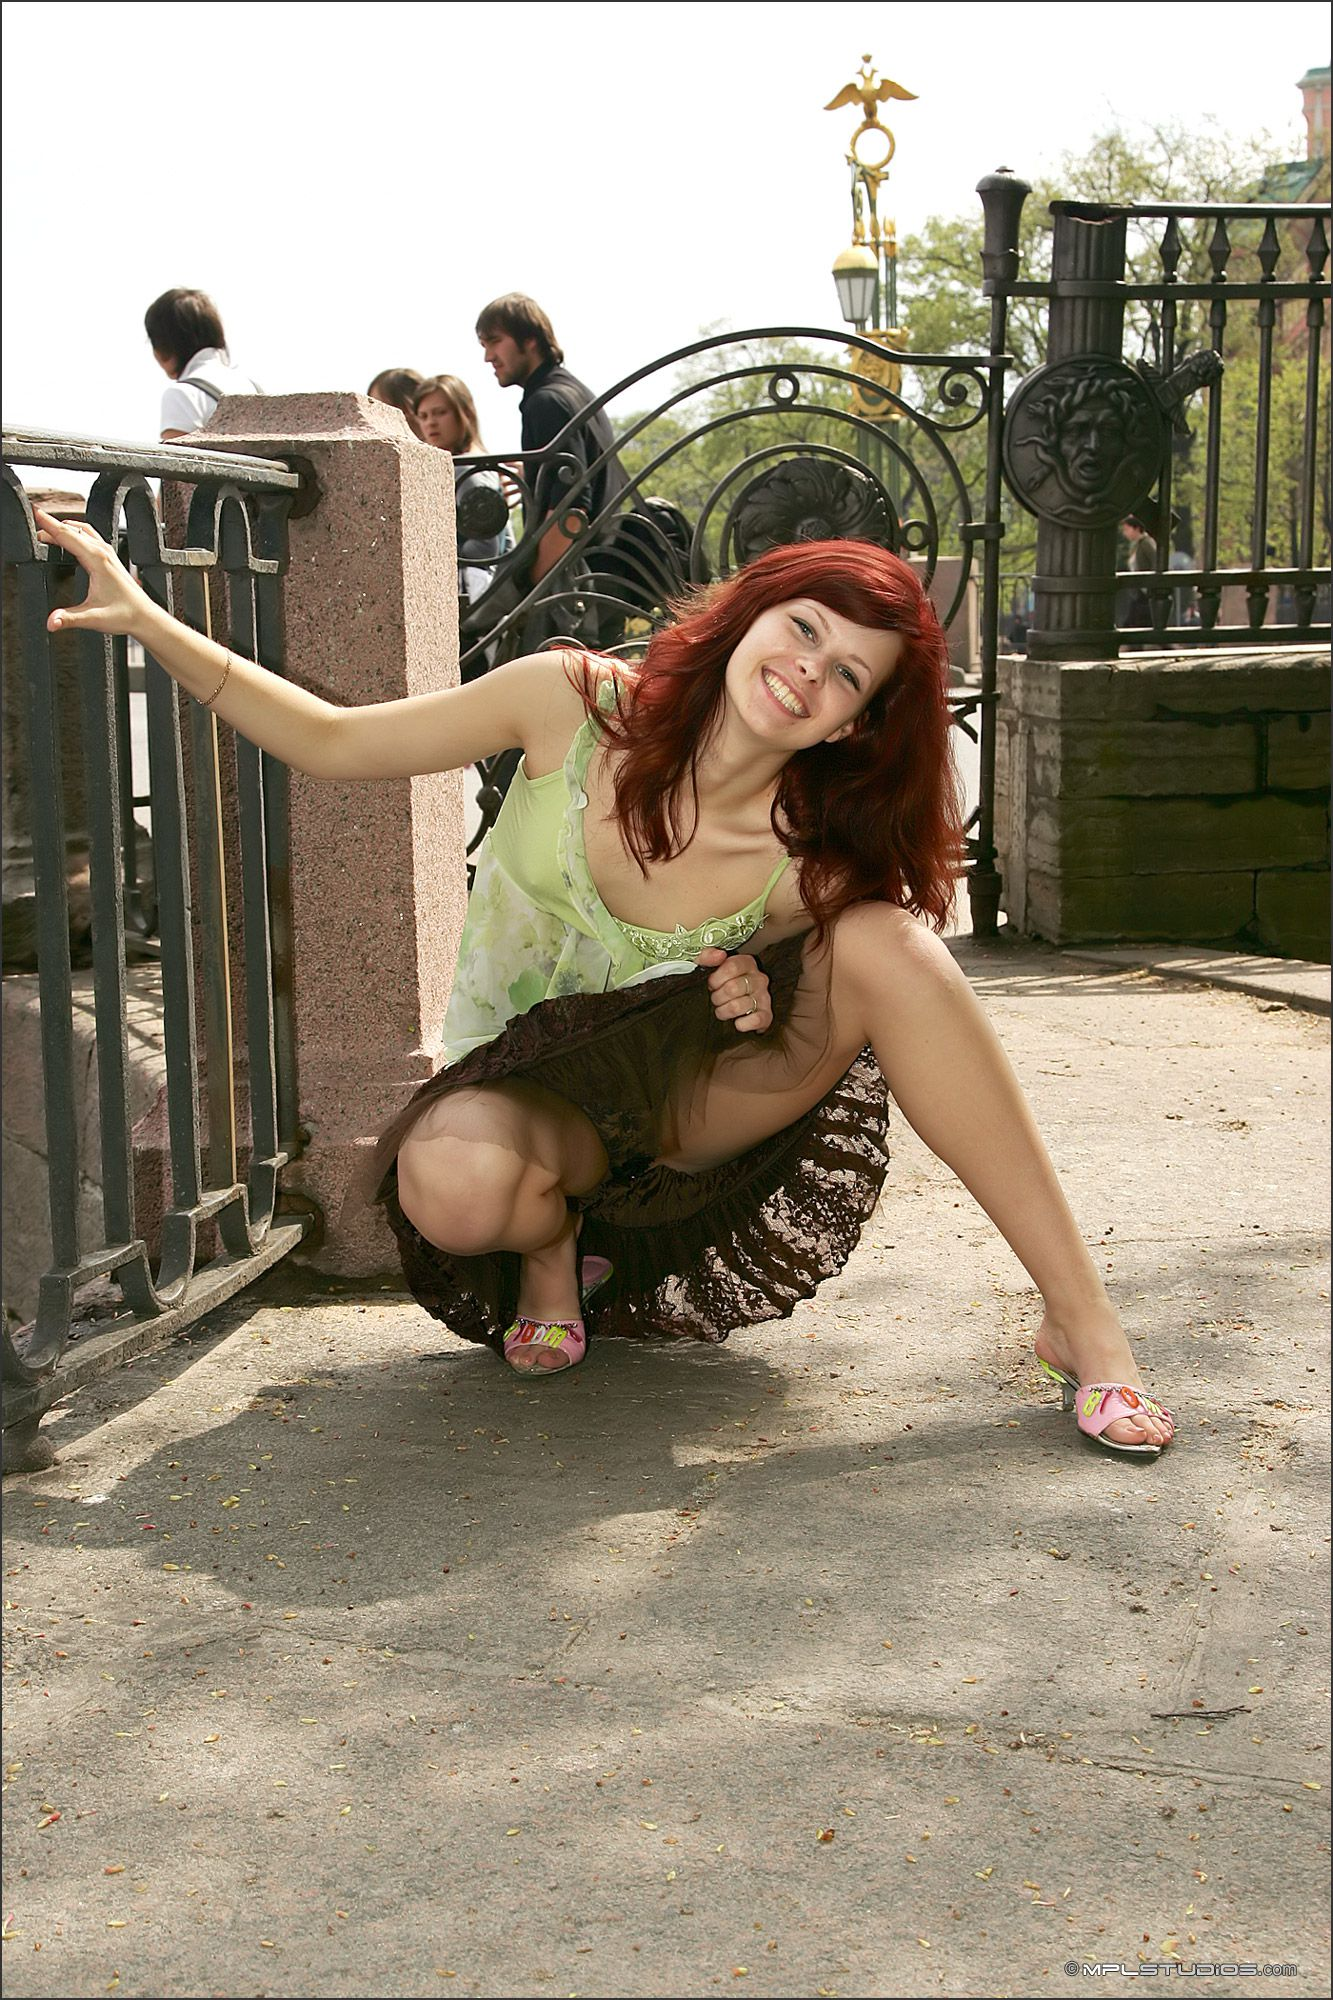 Фото арабский девушки голий 11 фотография